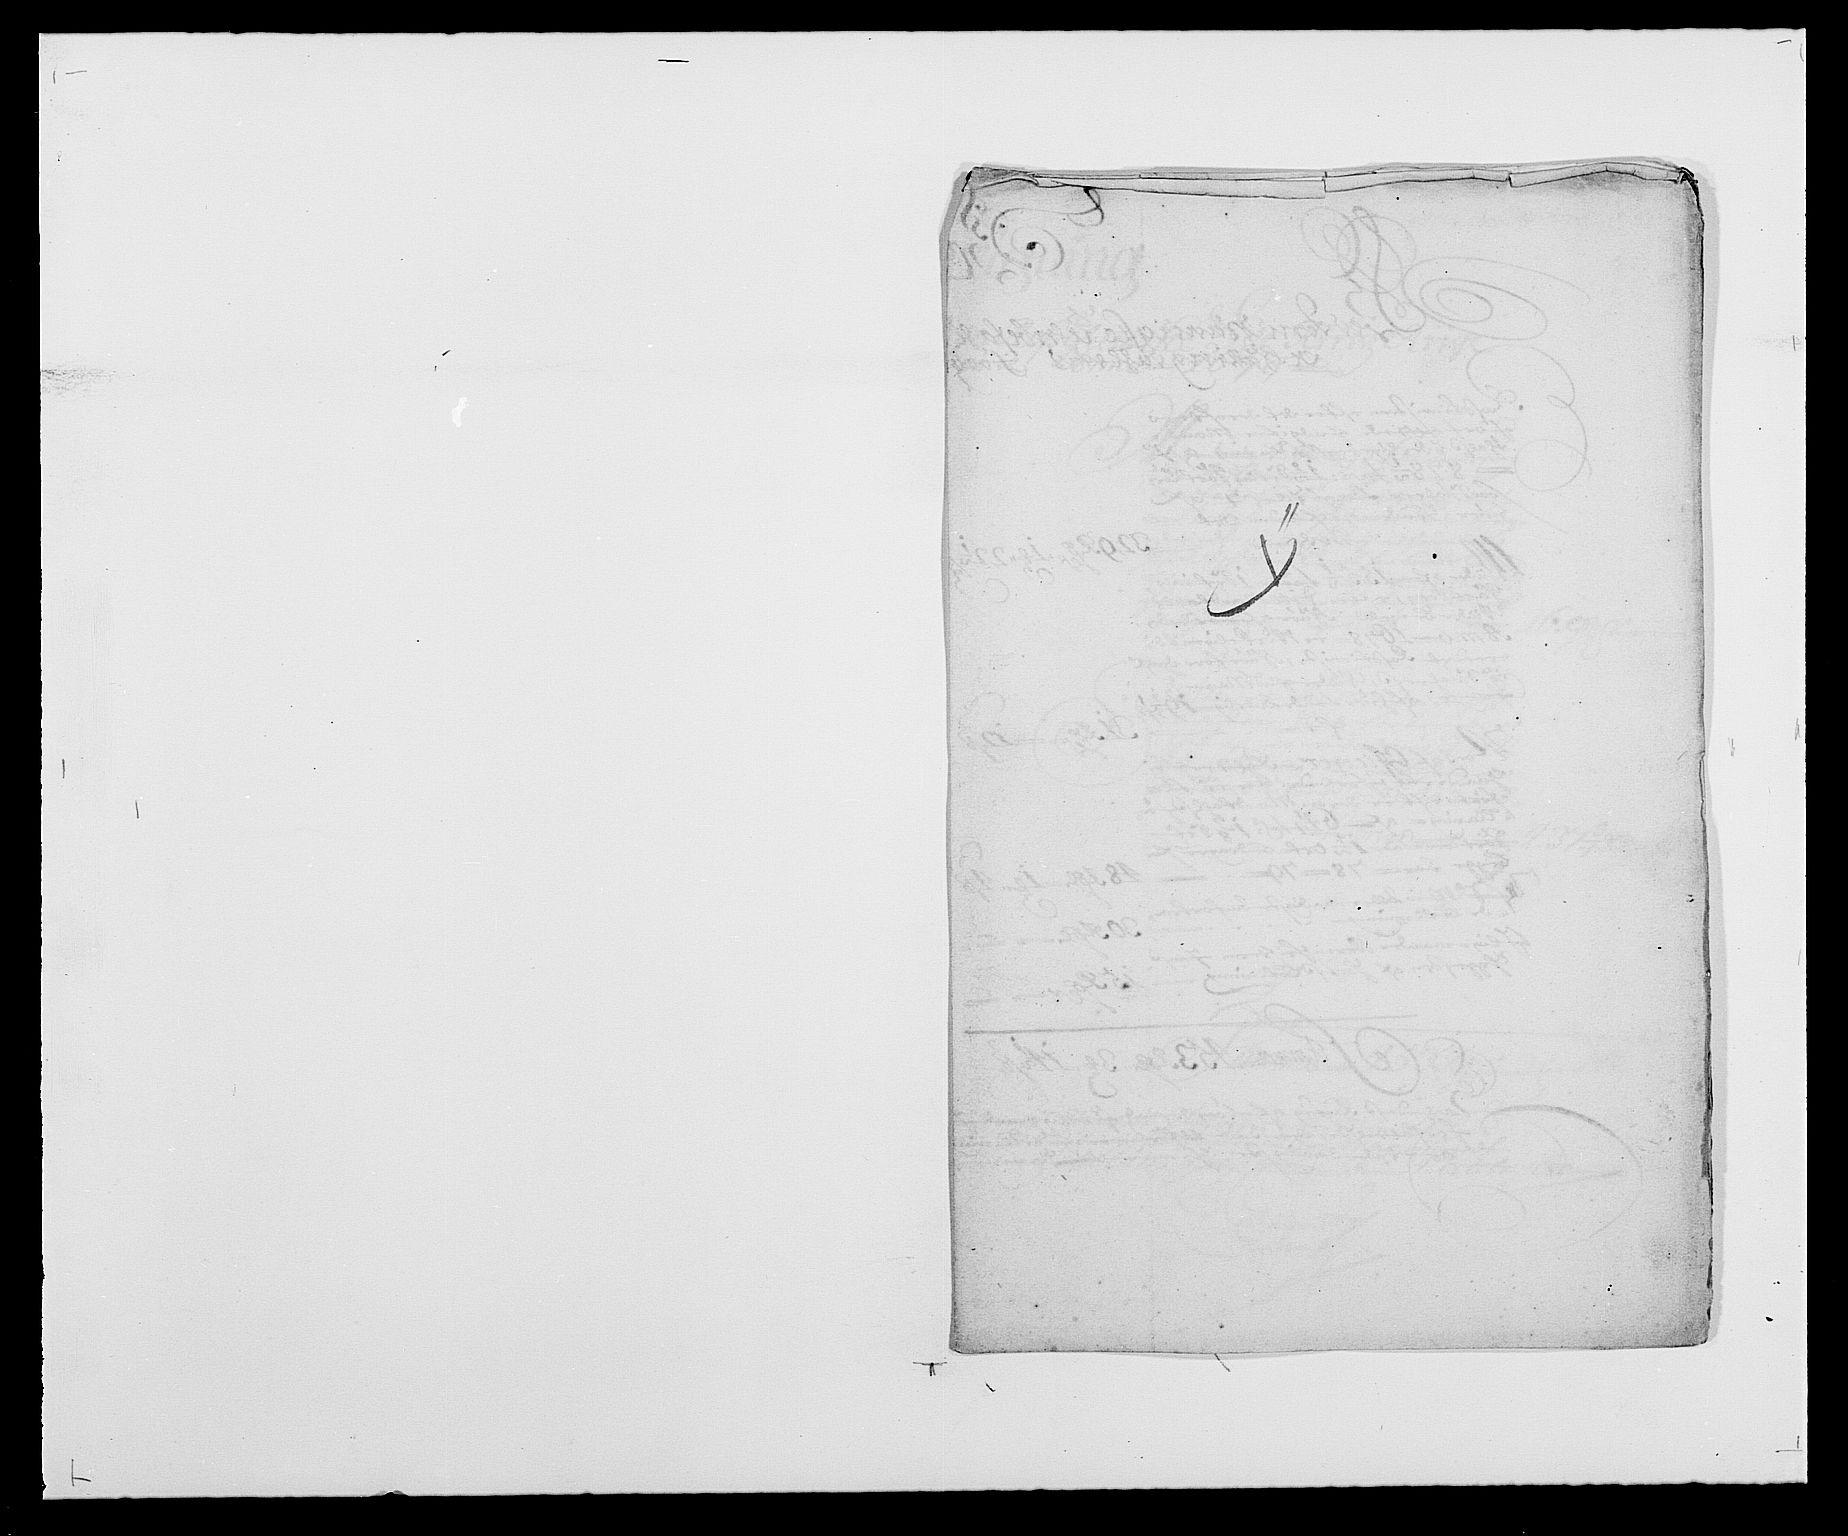 RA, Rentekammeret inntil 1814, Reviderte regnskaper, Fogderegnskap, R21/L1443: Fogderegnskap Ringerike og Hallingdal, 1678-1680, s. 372